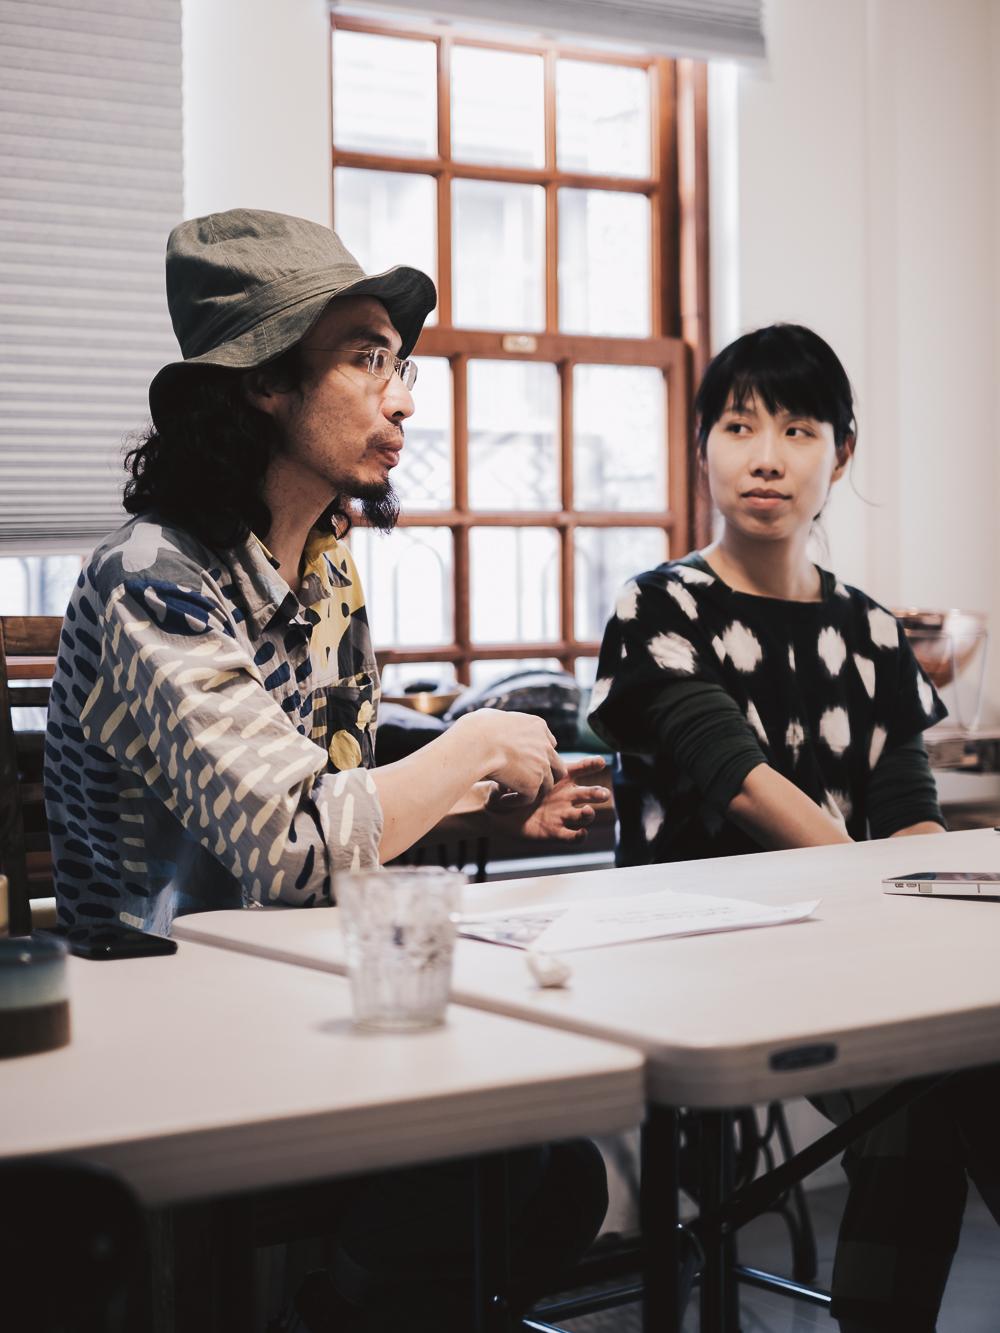 繭裹子 TWINE Green & Fair Trade Interview - FUJIFilm XT33514 - Yes! Please Enjoy by Fanning Tseng-3.jpg